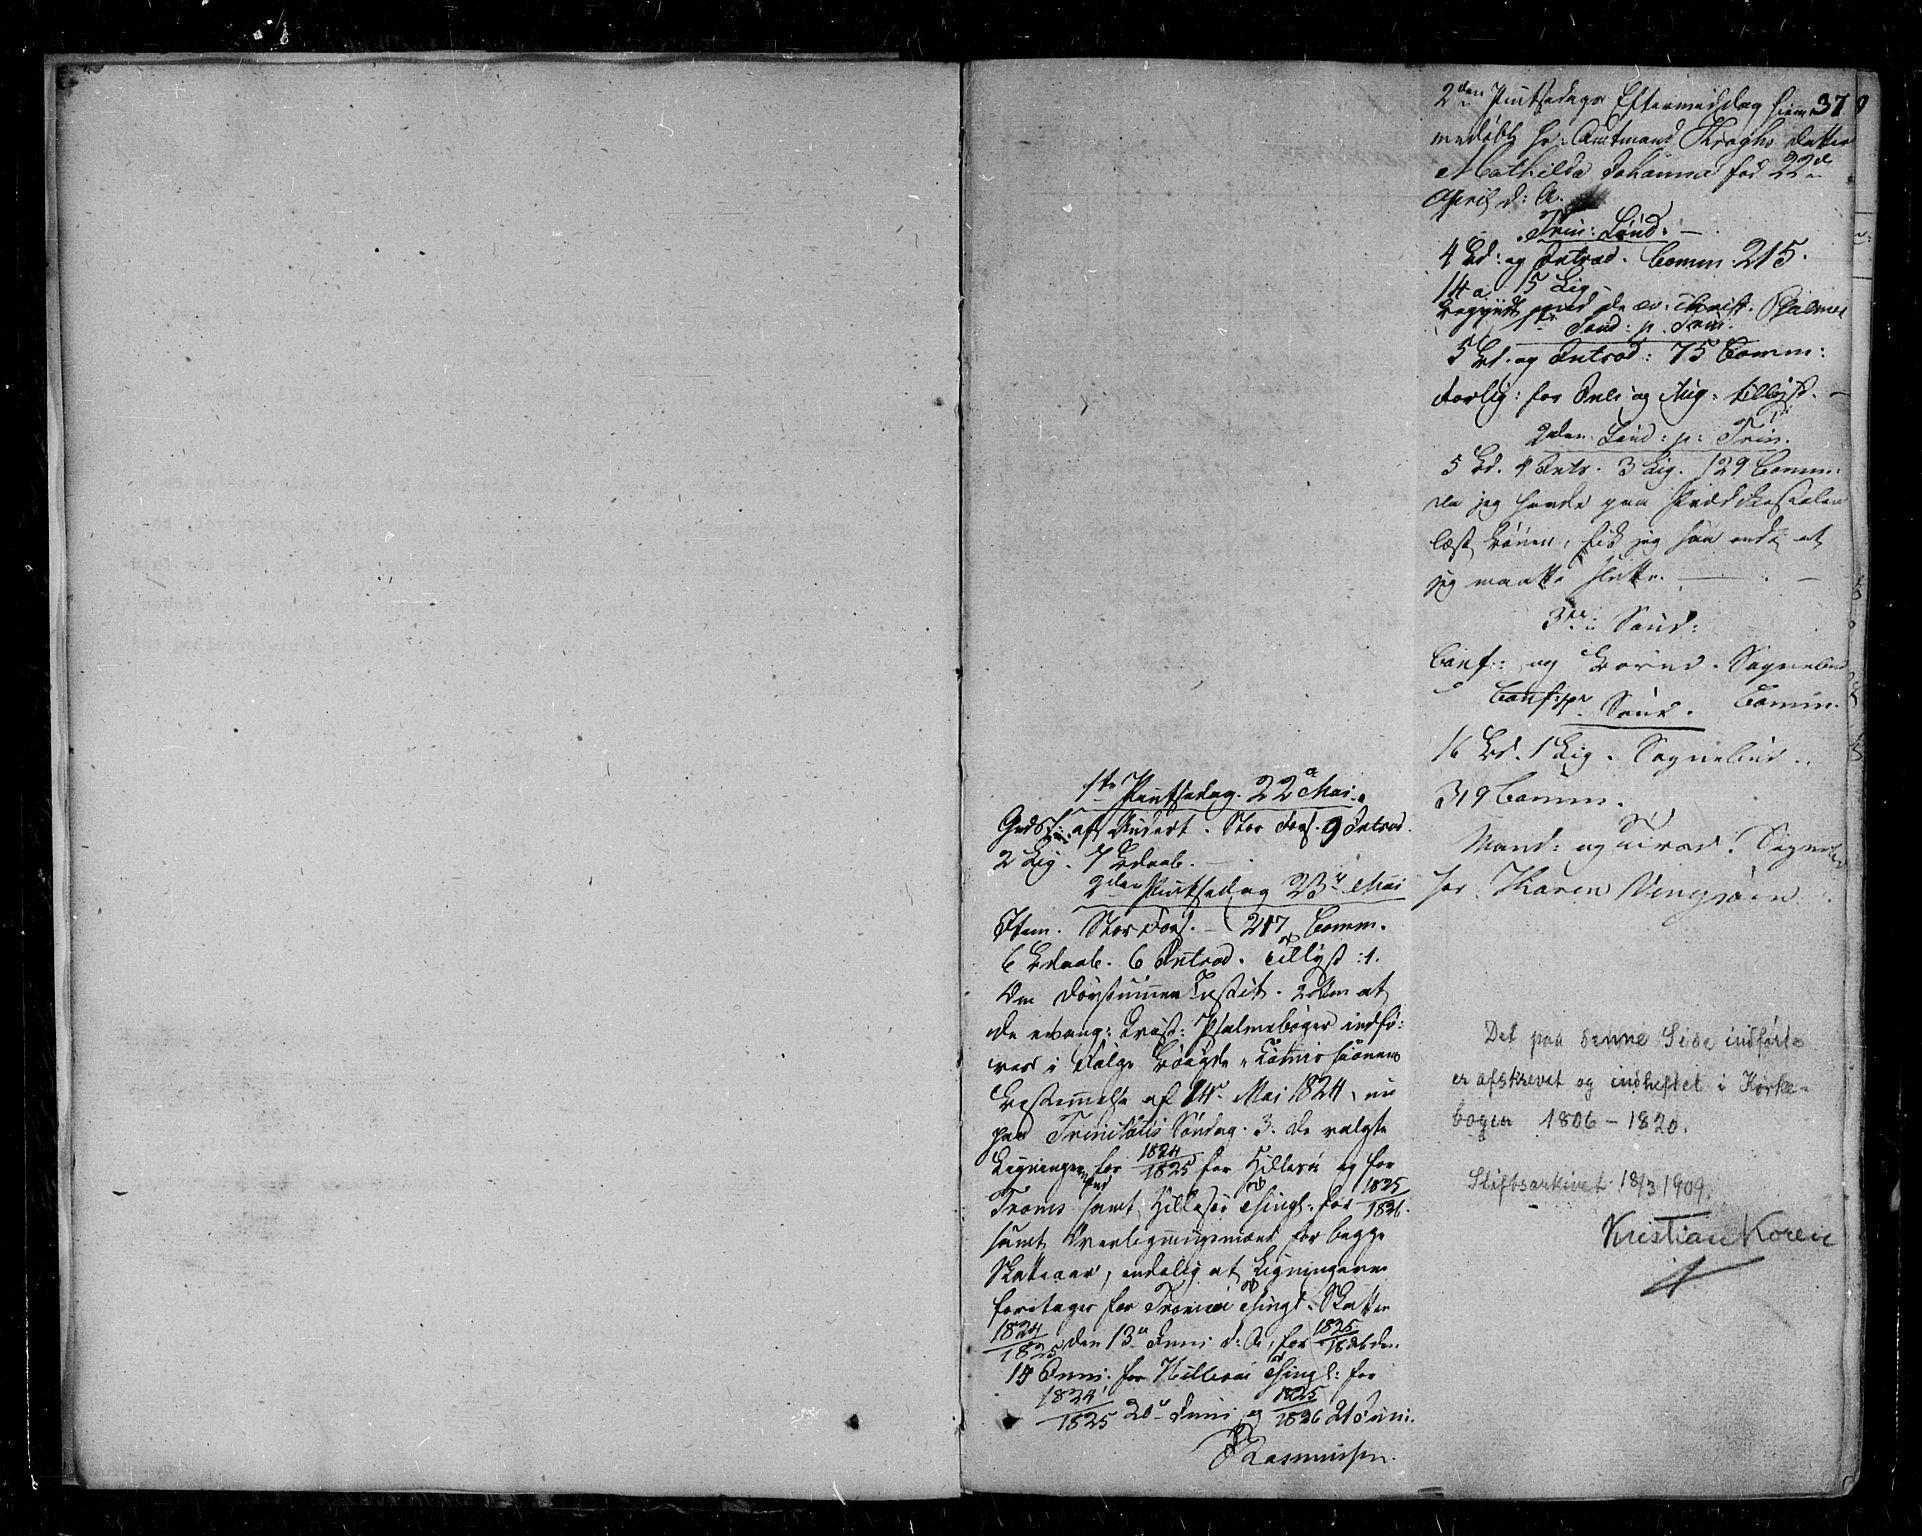 SATØ, Tromsø sokneprestkontor/stiftsprosti/domprosti, G/Ga/L0008kirke: Ministerialbok nr. 8, 1829-1837, s. 37